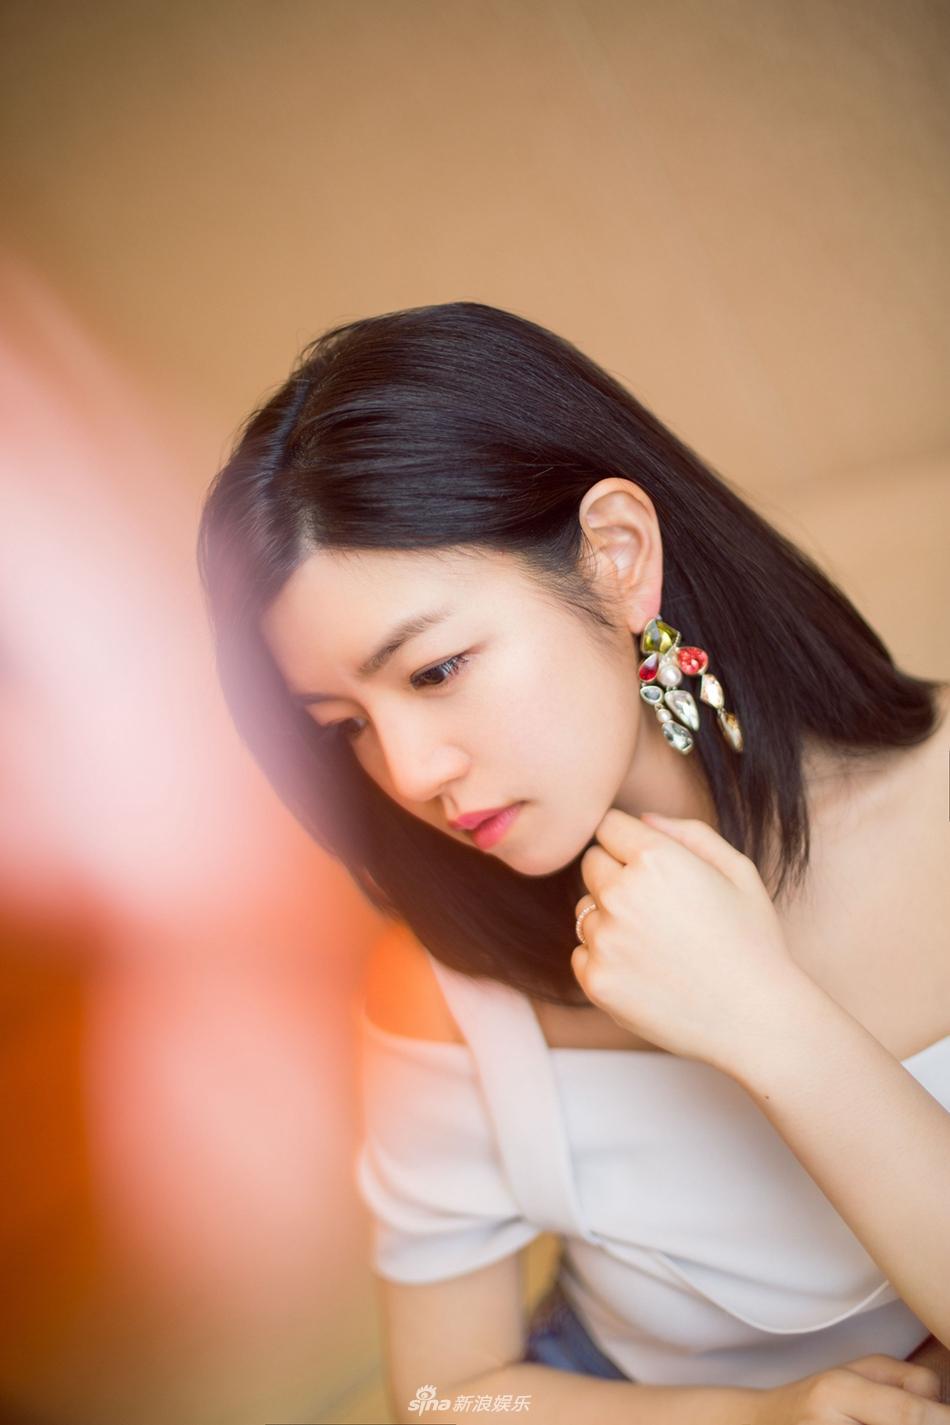 高清套图:陈妍希结婚周年现身 露肩装明媚柔美